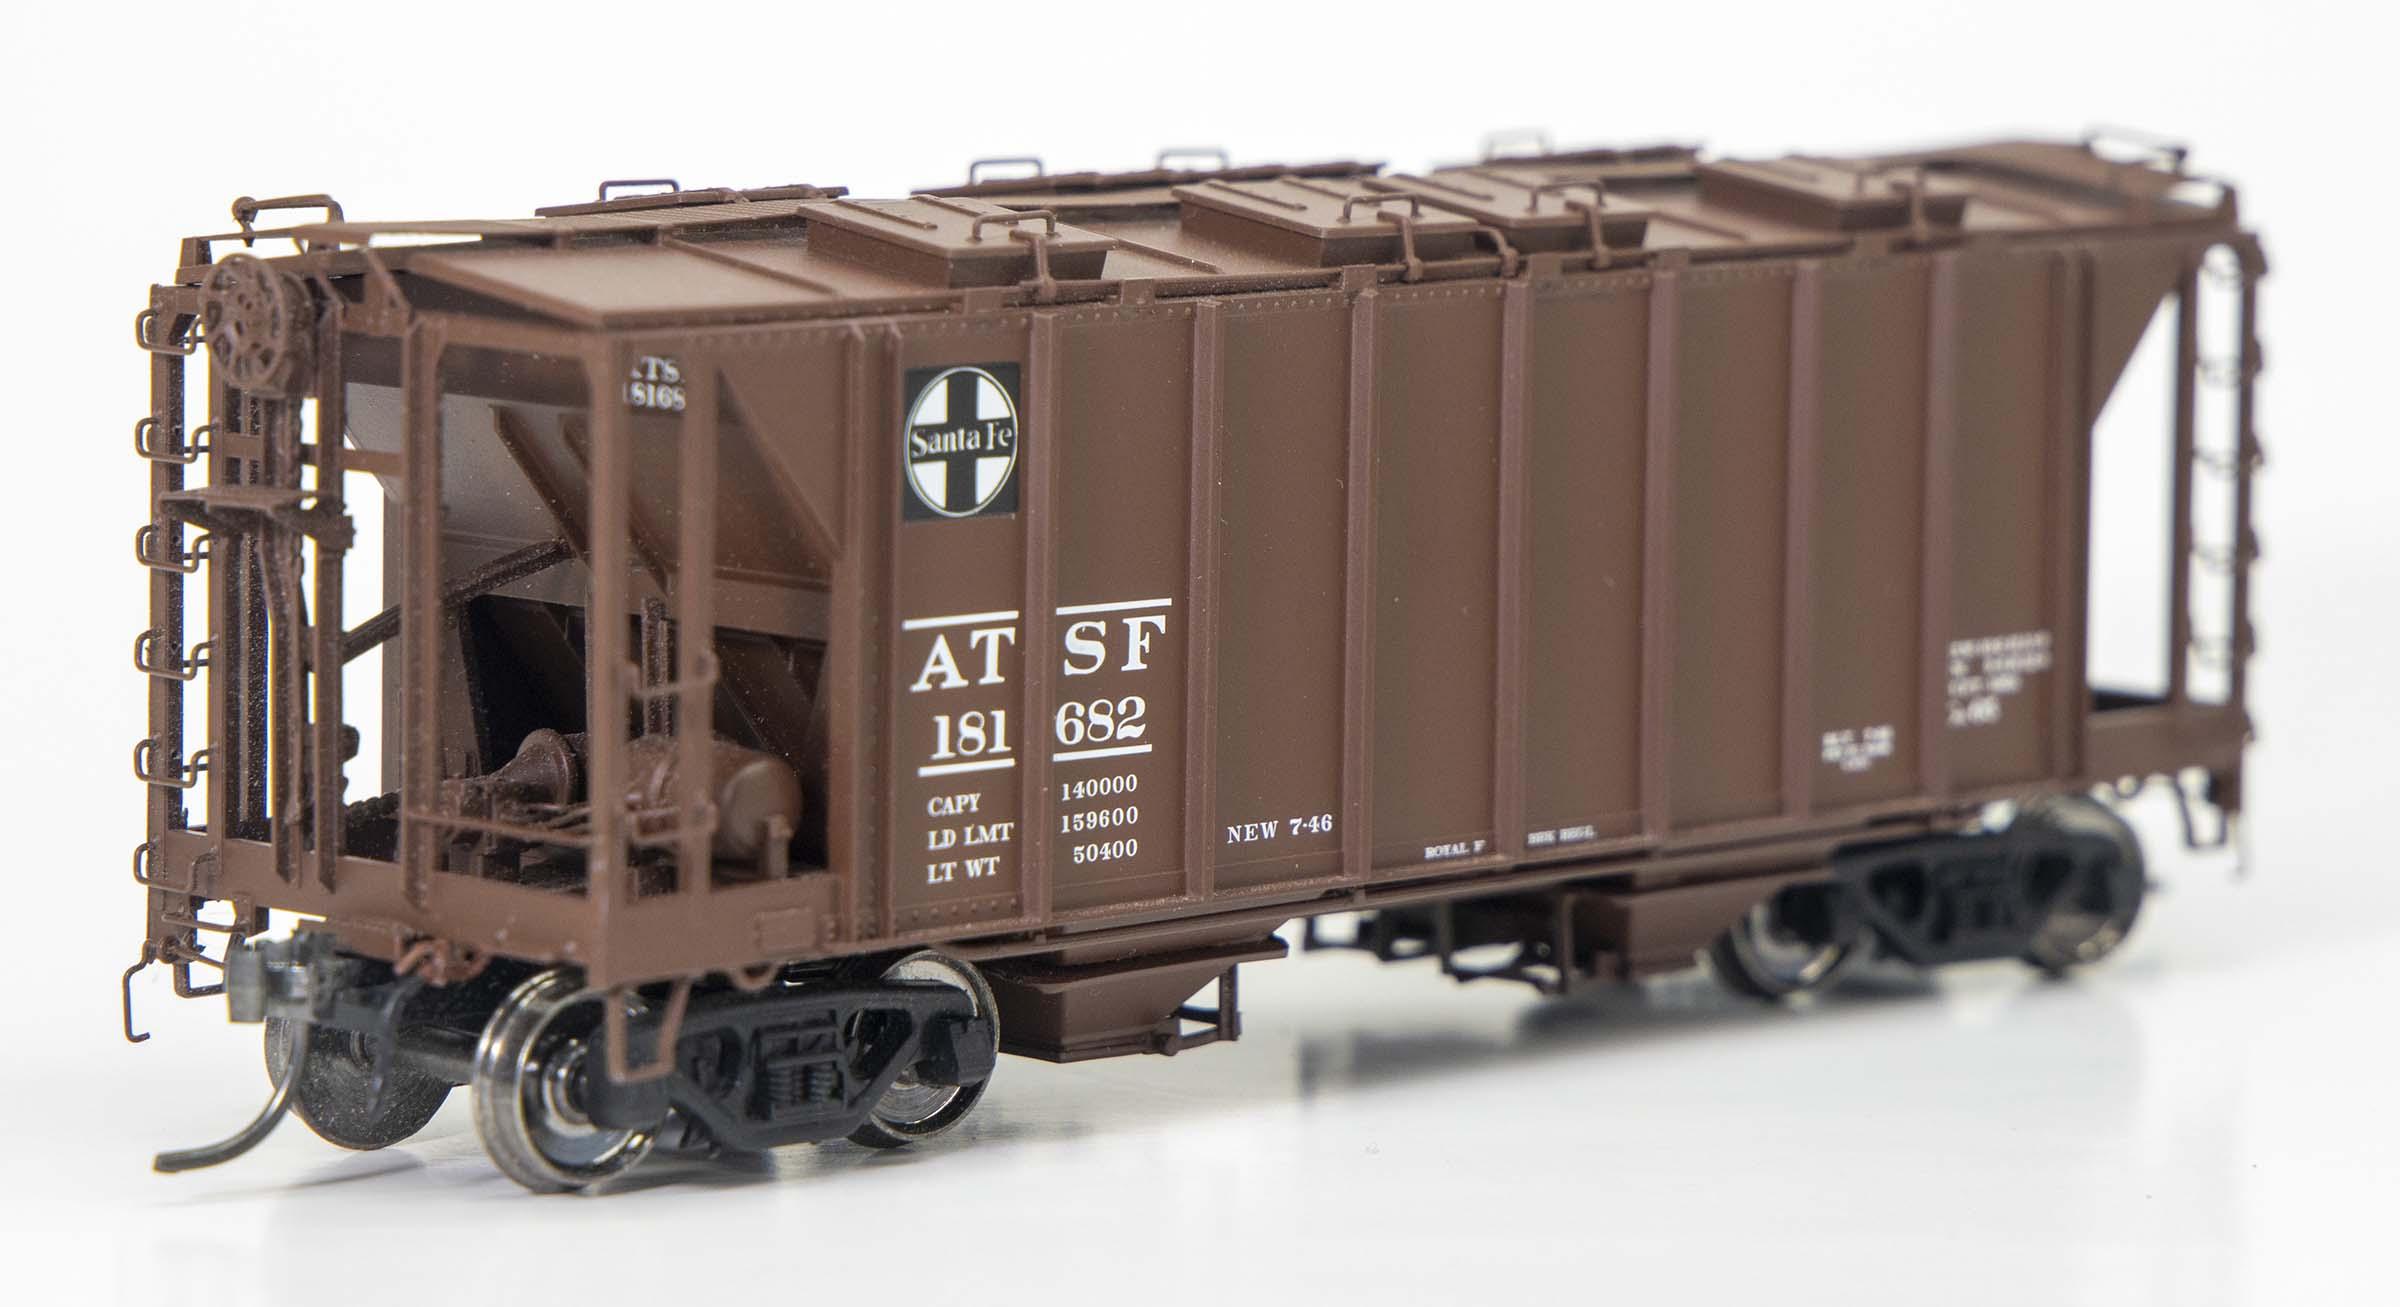 ATSF Ga-65 #181682 (model)